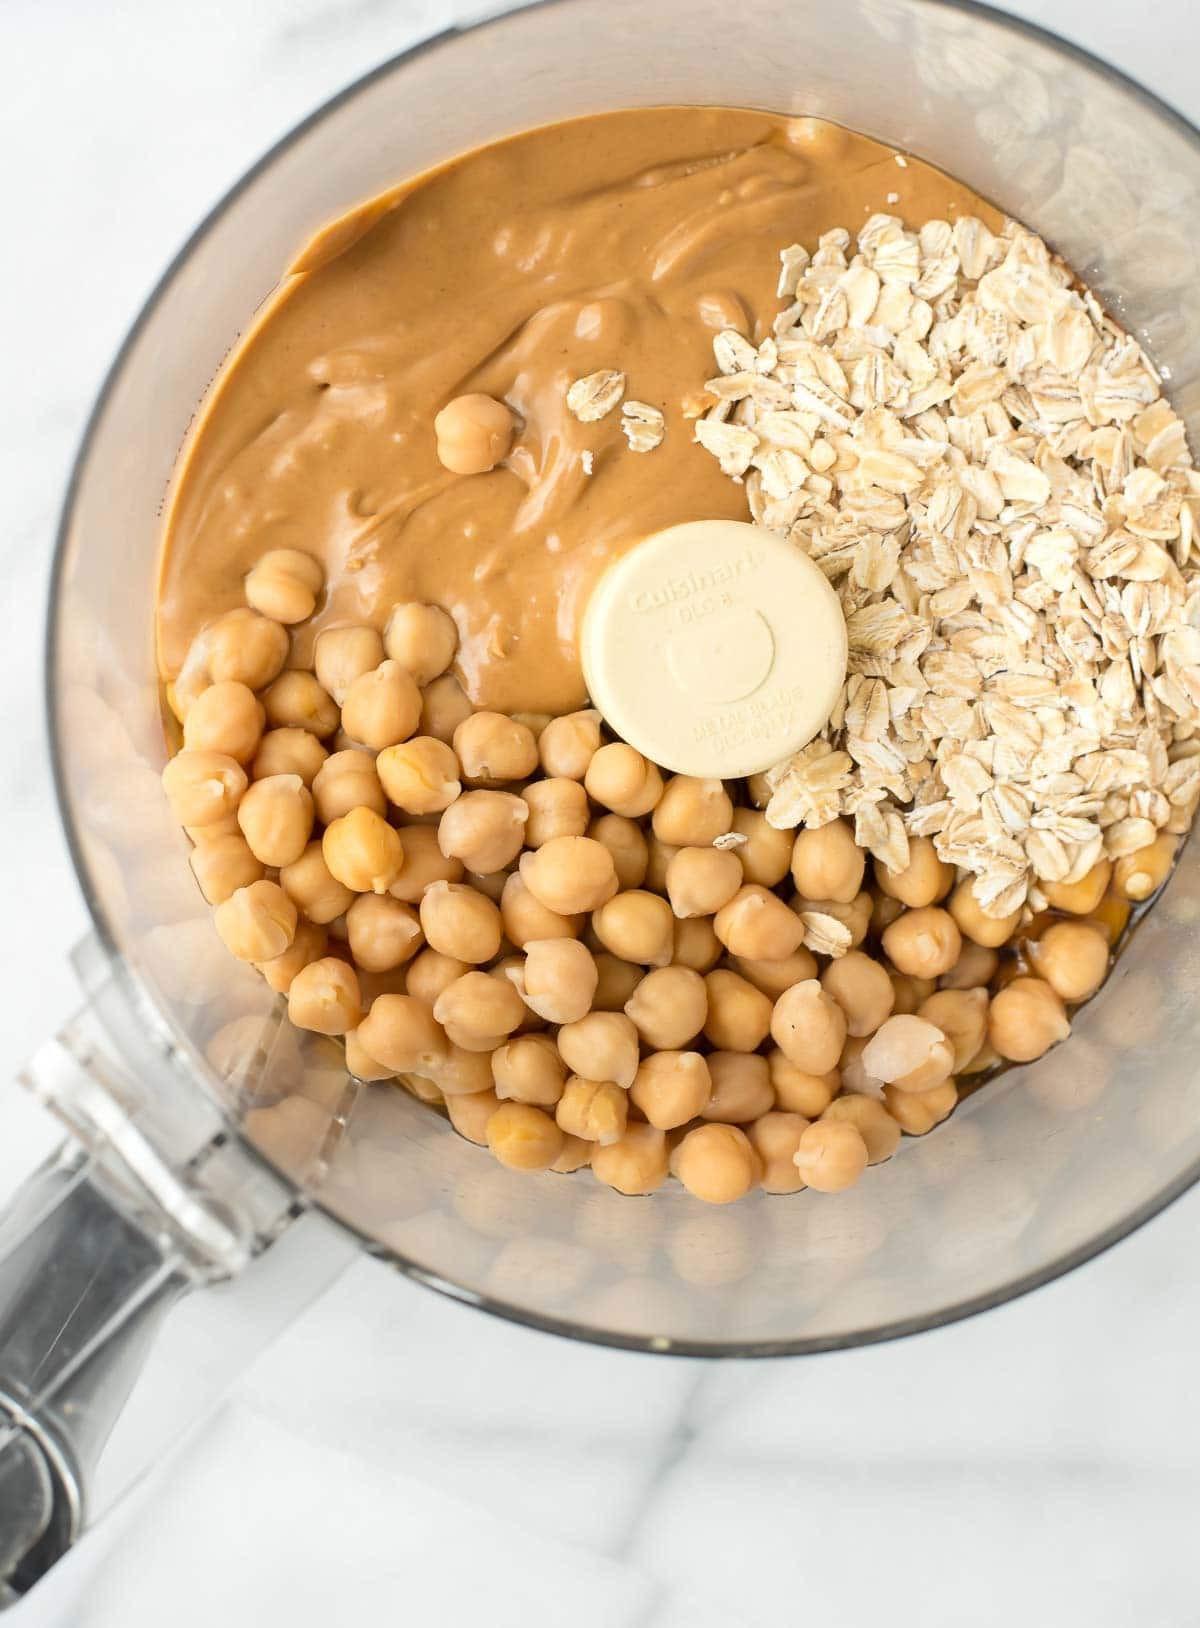 Healthy Peanut Butter Cookies No Sugar  Healthy Peanut Butter Cookie